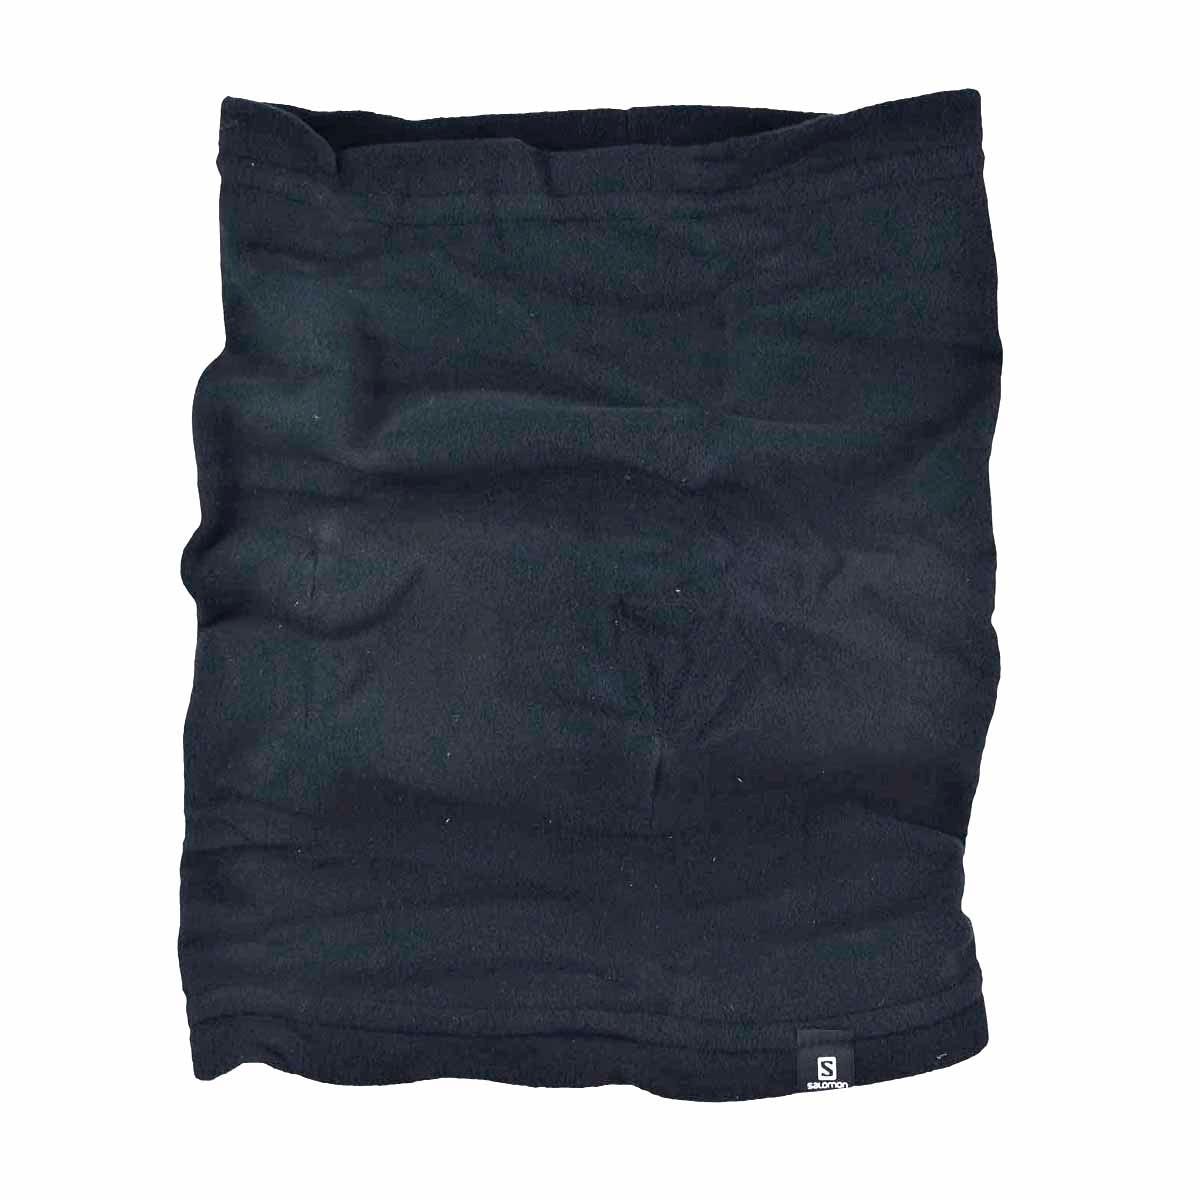 Cuello Salomon Necktube Polar Negro -   200 5351e339378